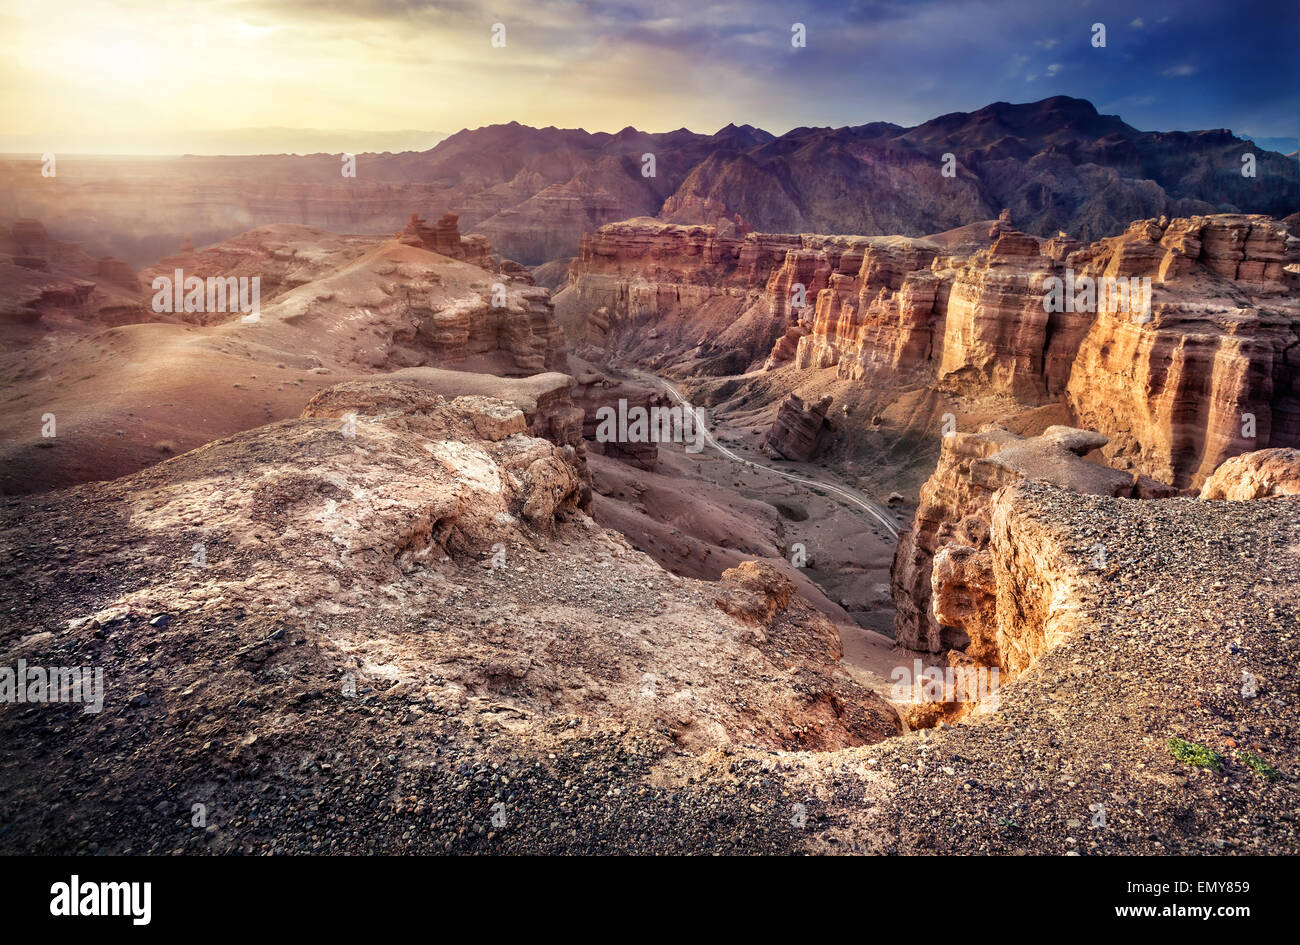 Tscharyn Grand Canyon am bewölkten Sonnenuntergang Himmel in Kasachstan Stockbild